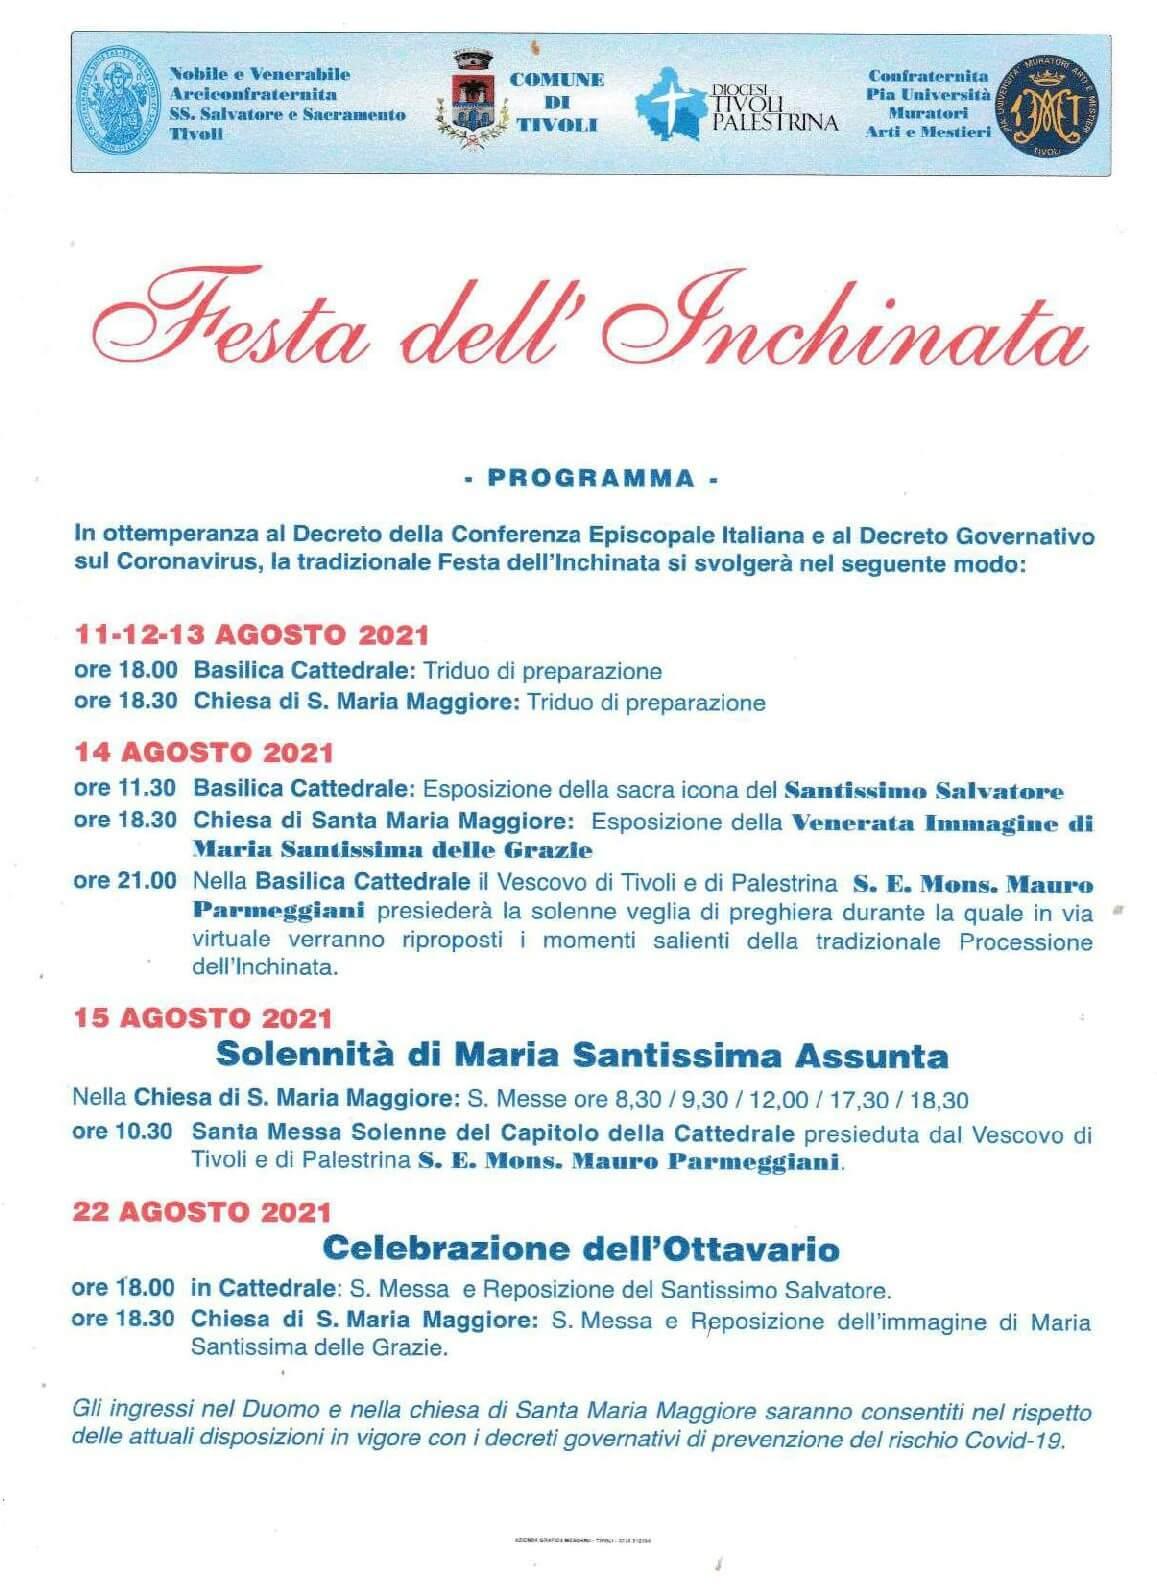 Festa dell'Inchinata 2021 senza processione. Esposizioni e Veglia di Preghiera il 14 agosto